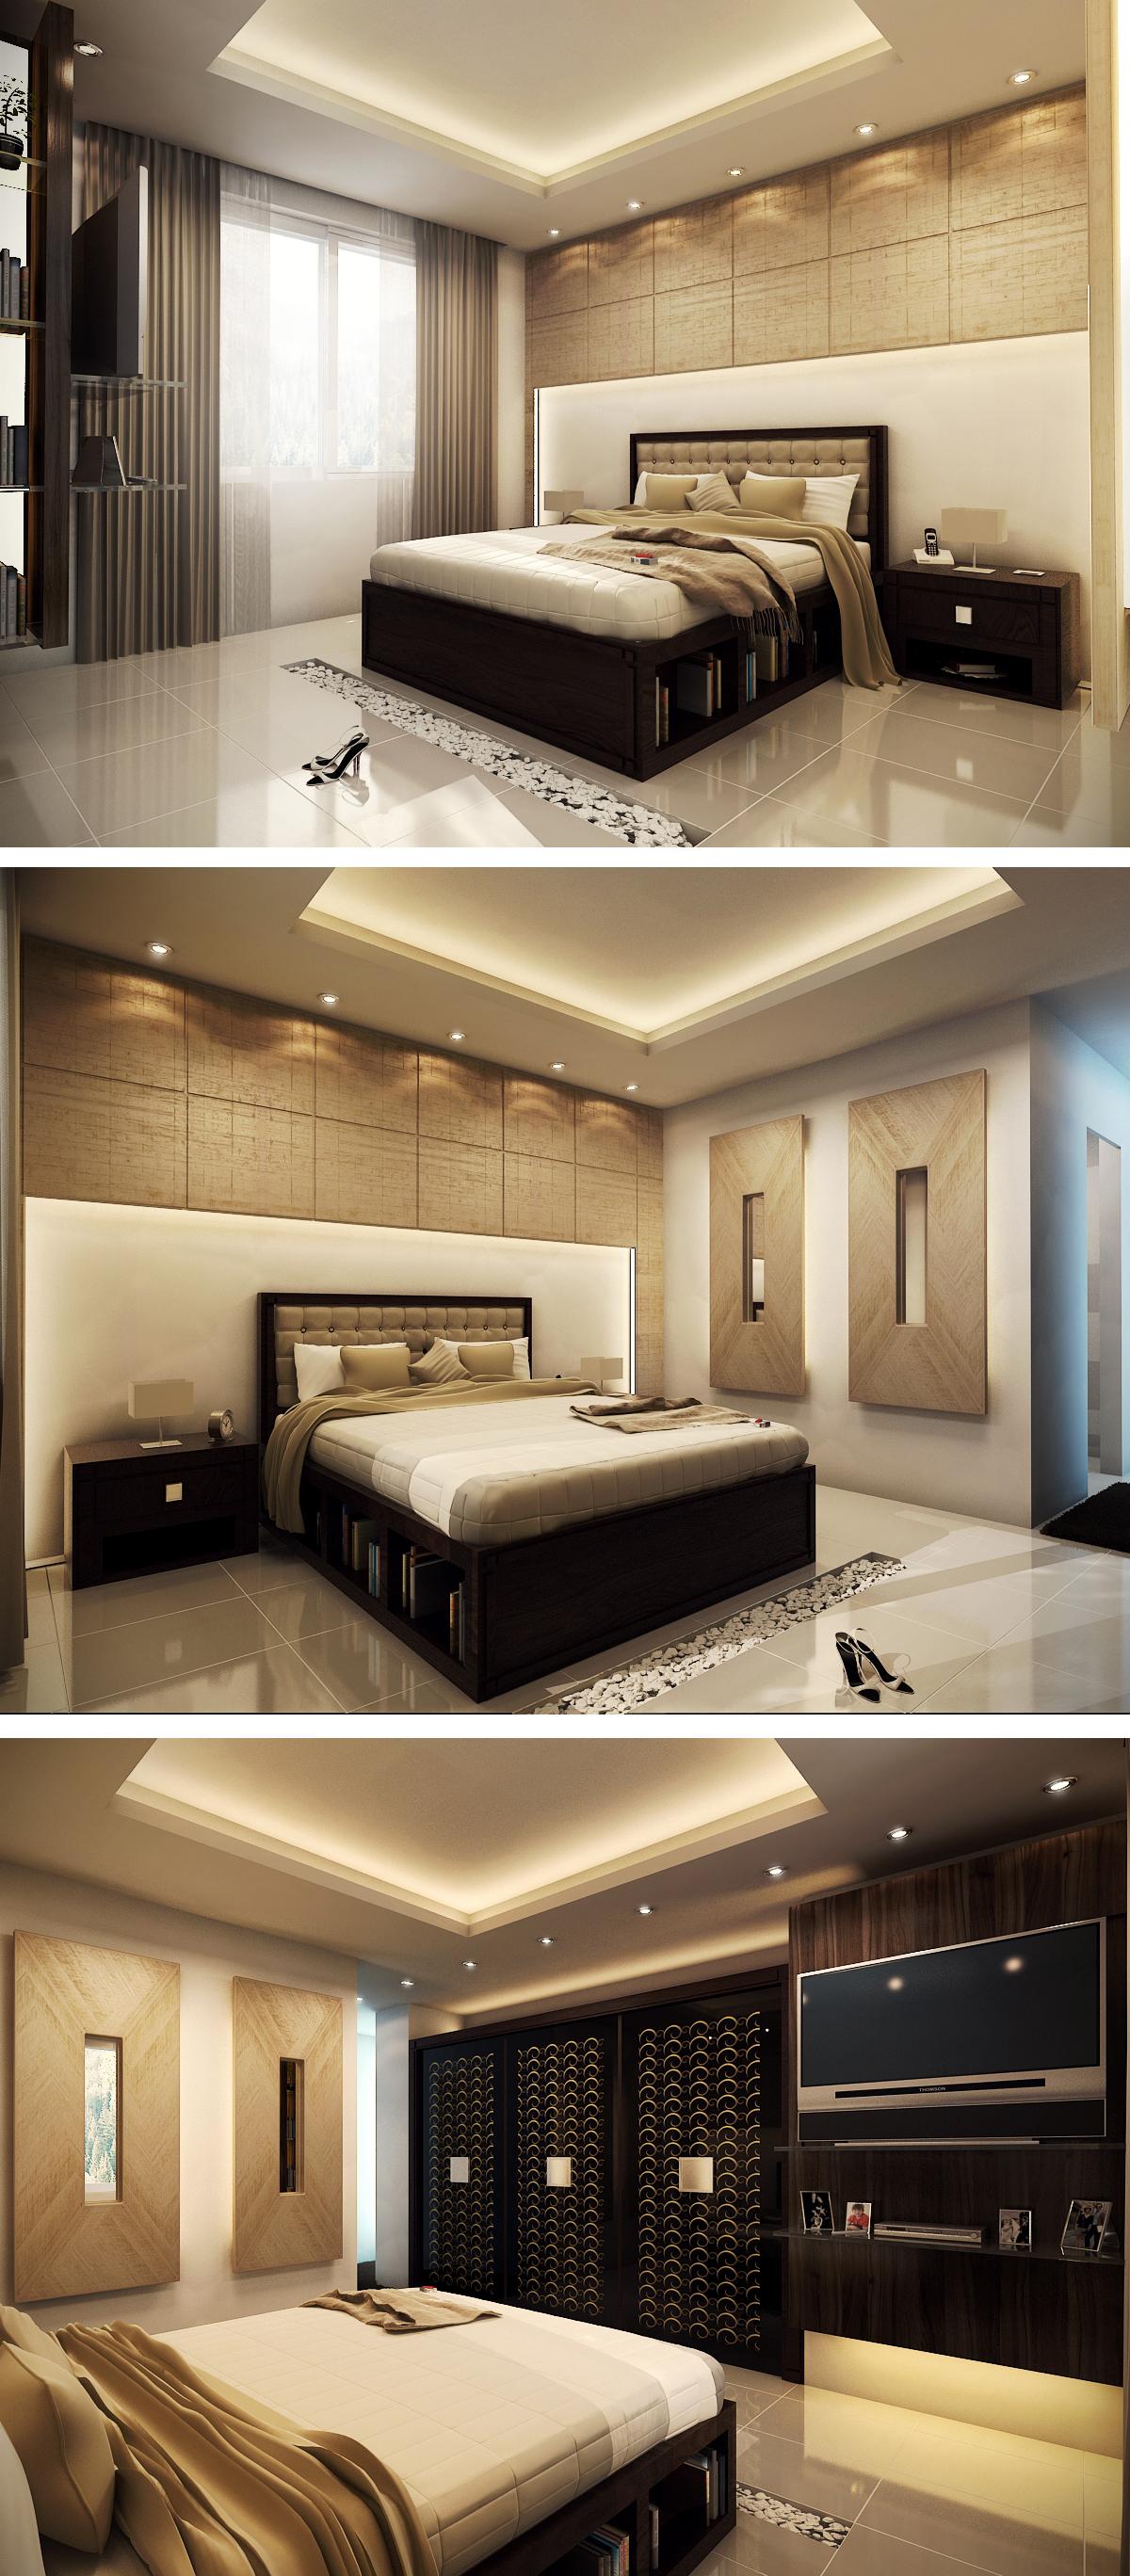 modern bedrm1 - highend by kasrawy